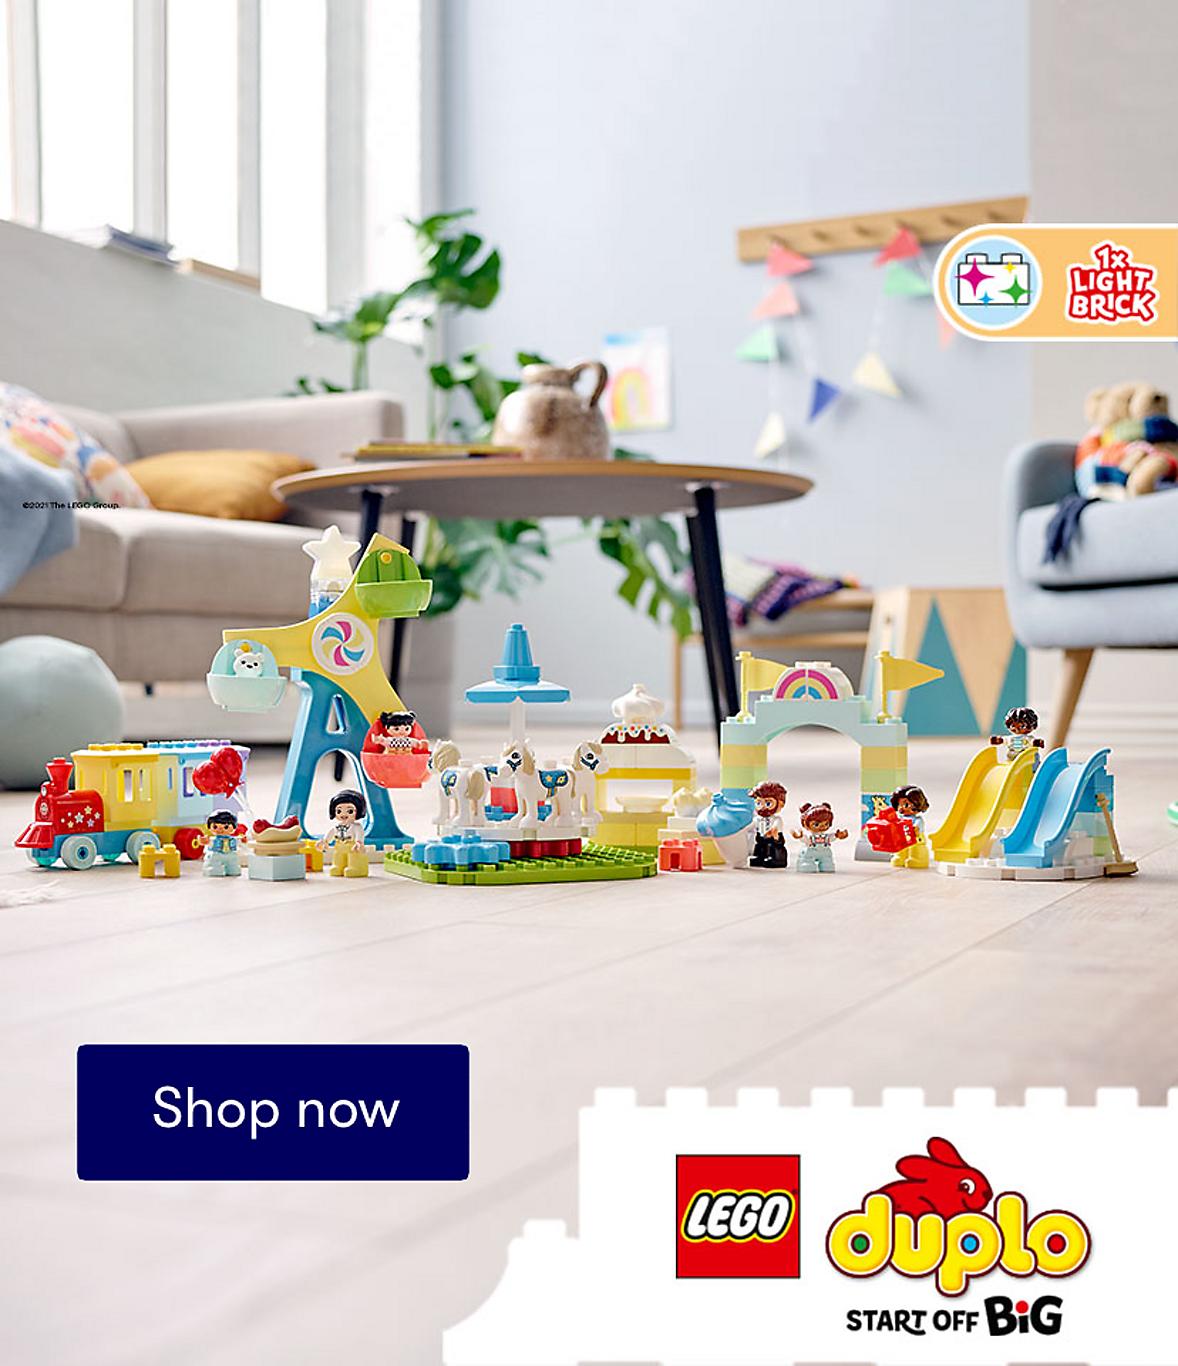 Shop LEGO duplo